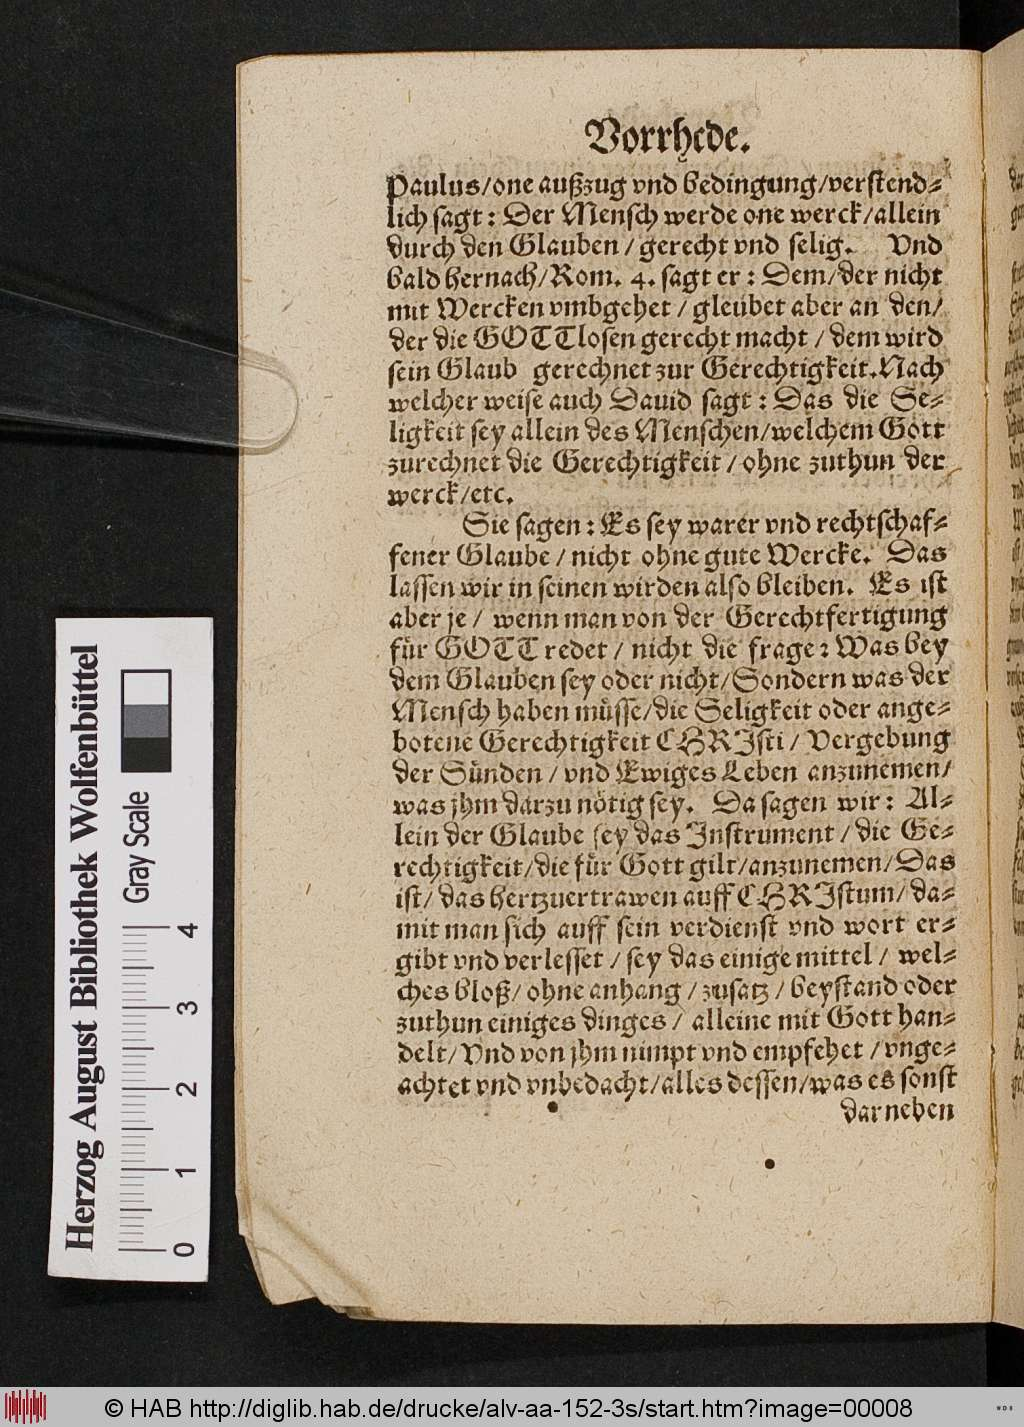 http://diglib.hab.de/drucke/alv-aa-152-3s/00008.jpg